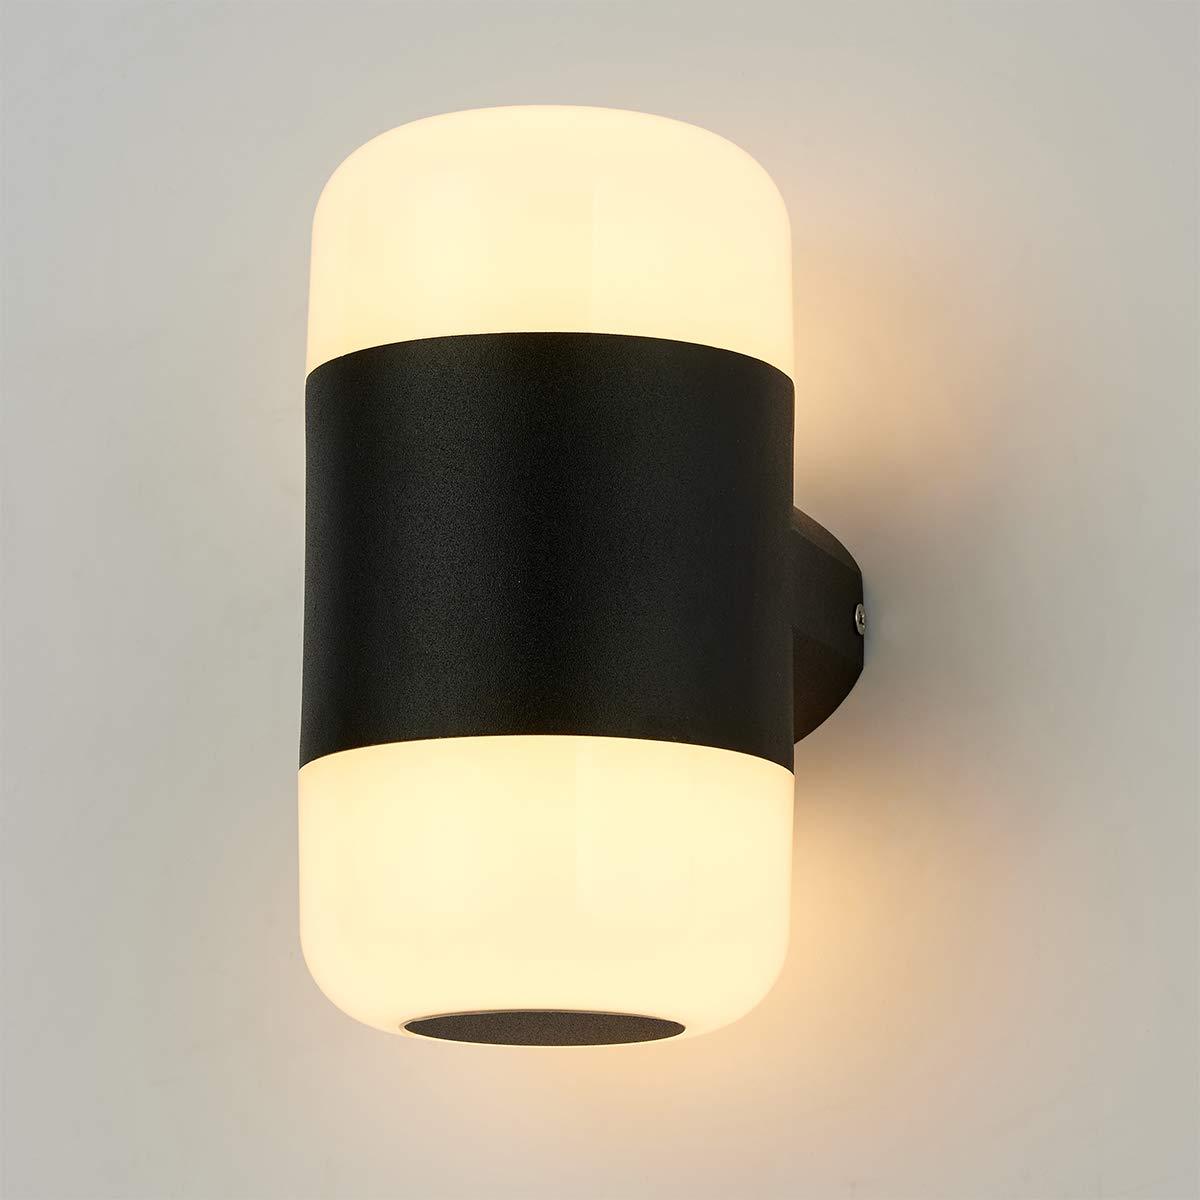 Blanco C/álido Glighone Apliques de Pared LED 12W L/ámpara Moderna Luz de Aluminio Luz en Moda Iluminaci/ón Interior para Decoraci/ón del Hogar Decoraci/ón de Casa